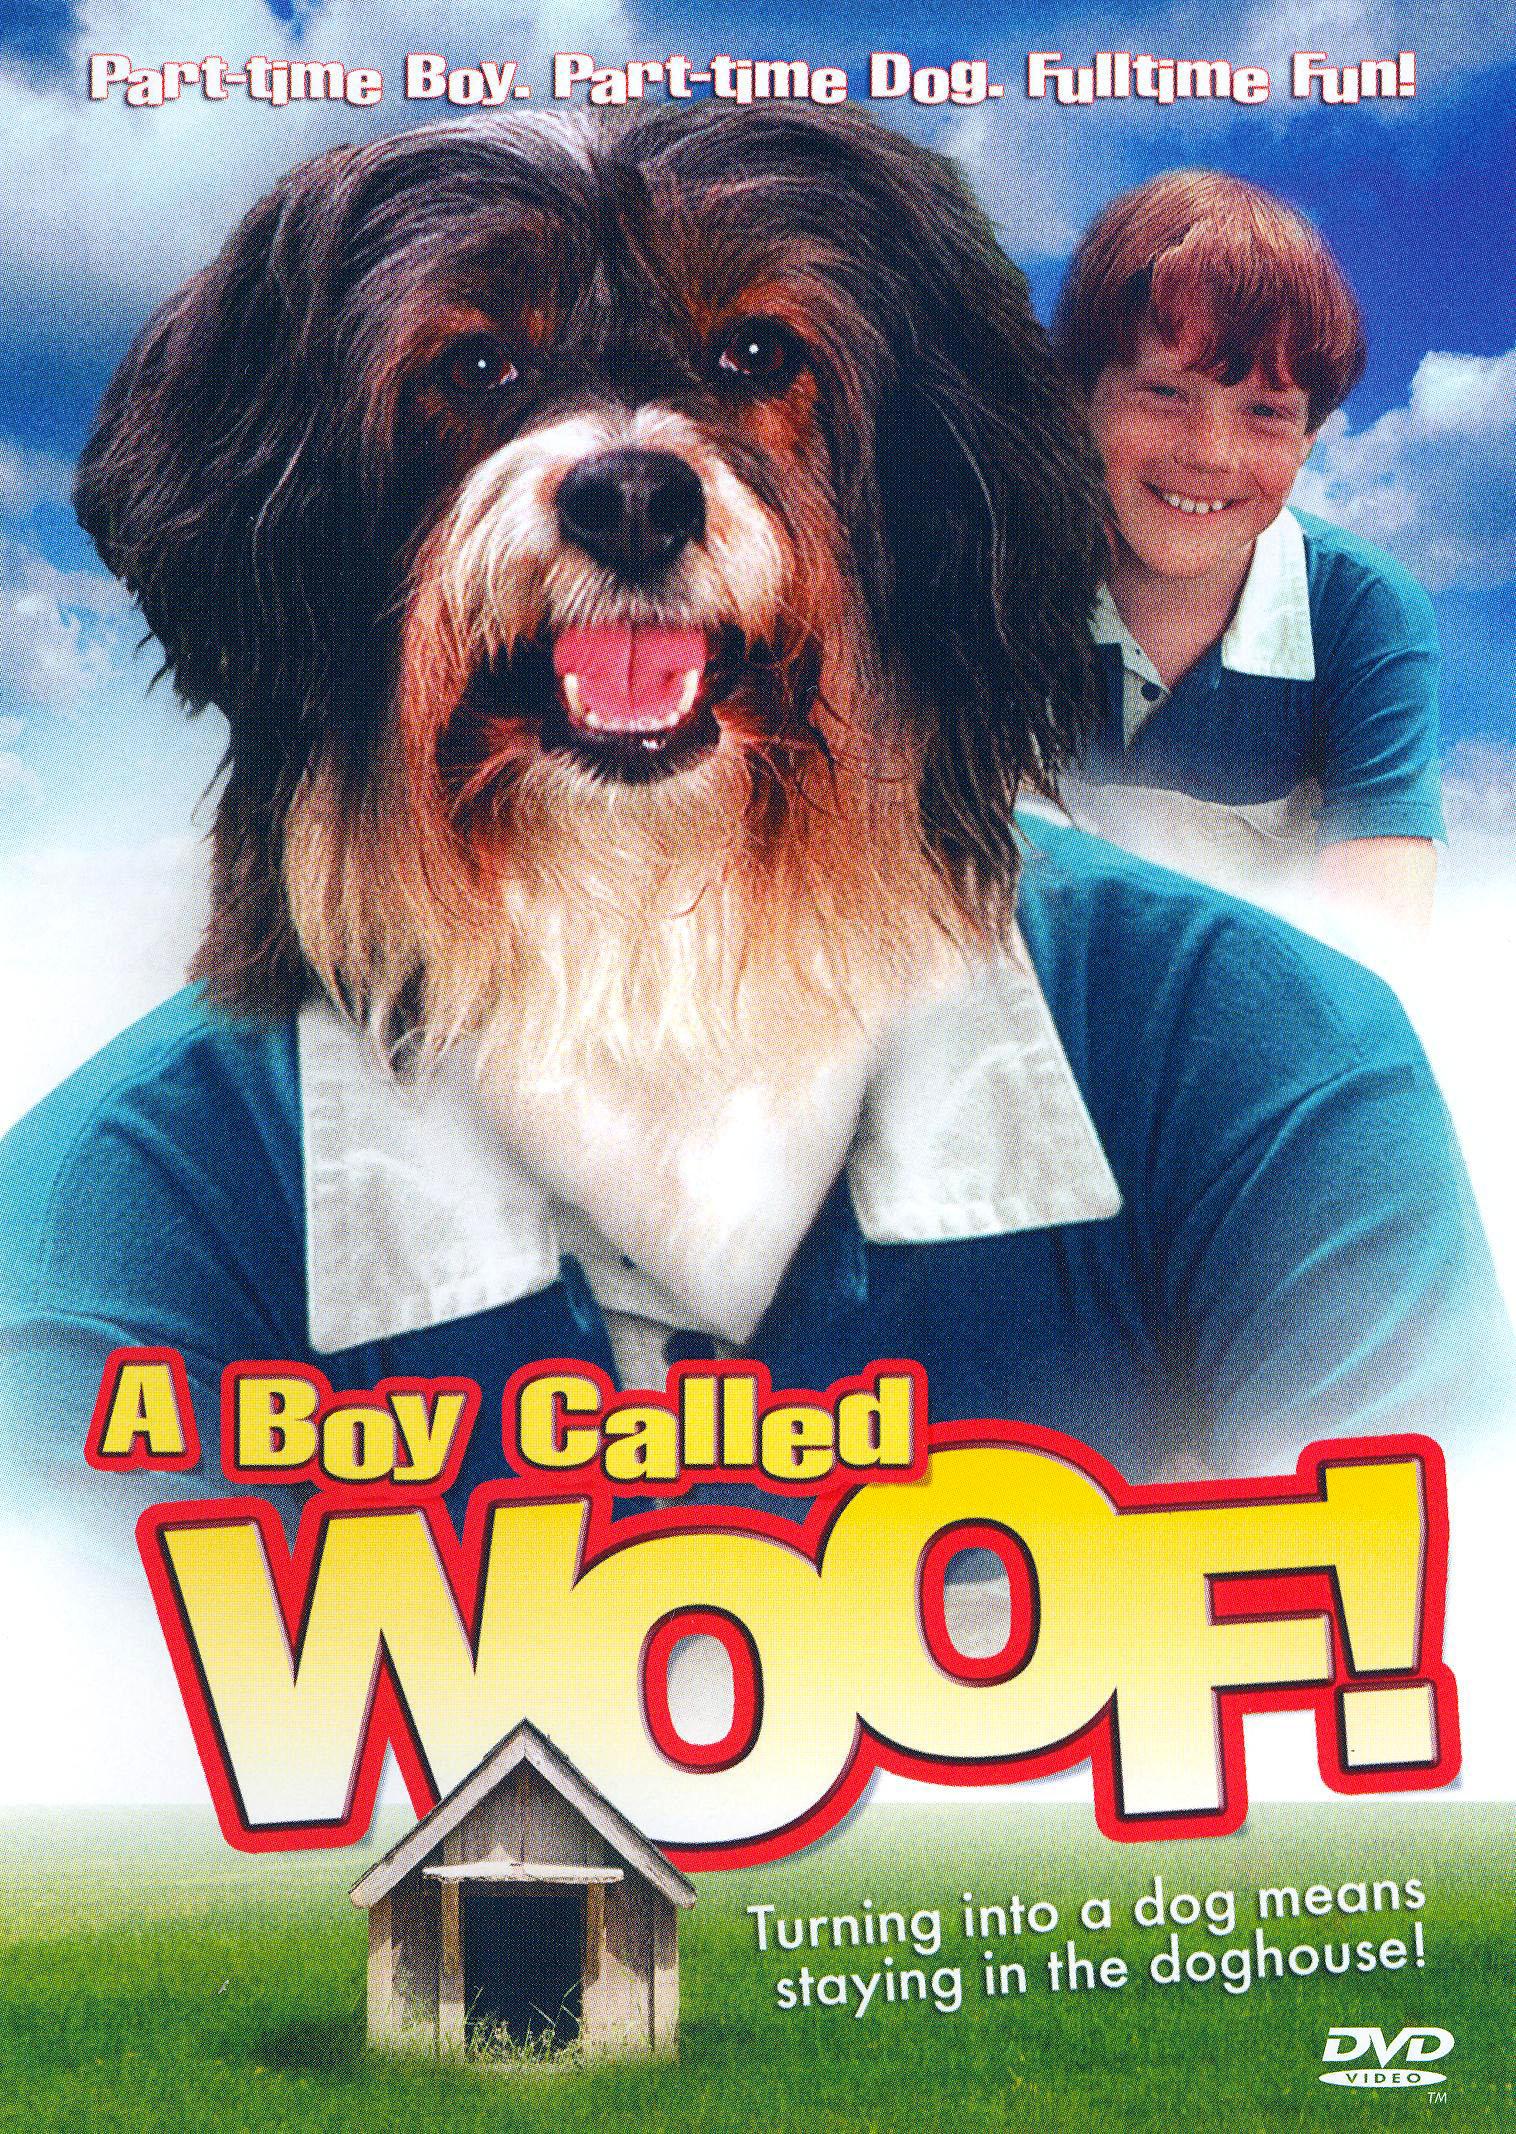 A Boy Called Woof